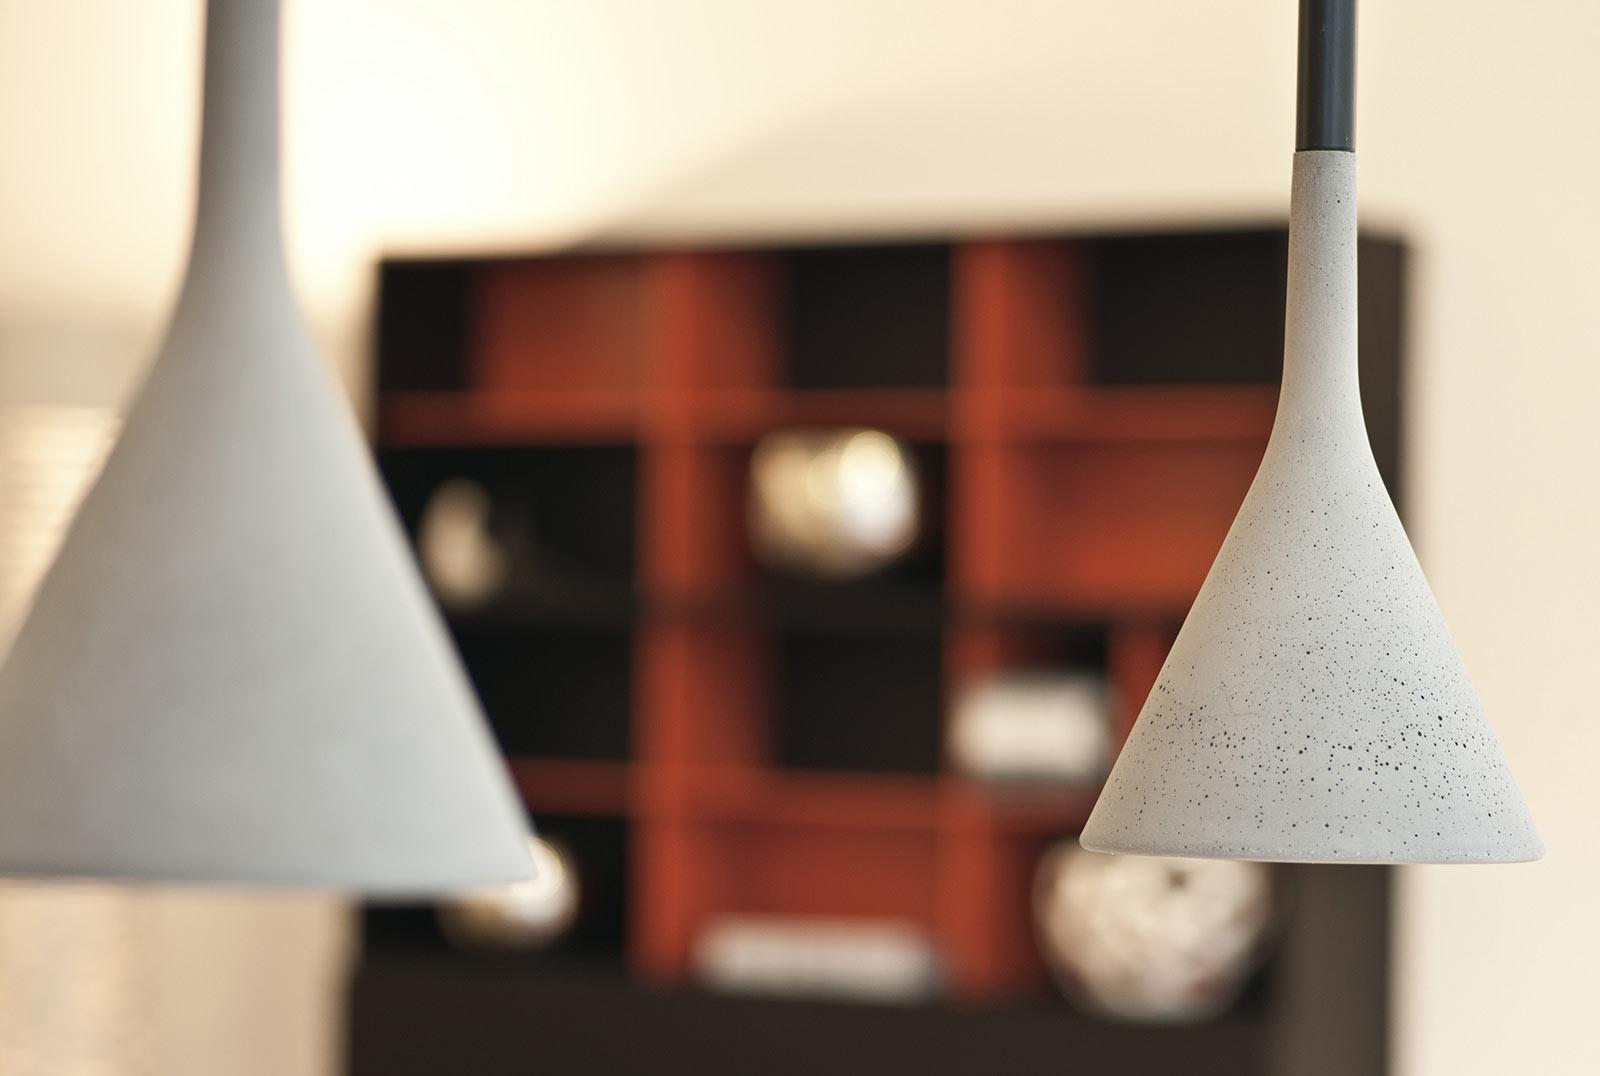 Accueil meubles design mobilier et luminaires del mont porrentruy mout - Historique des lampes ...